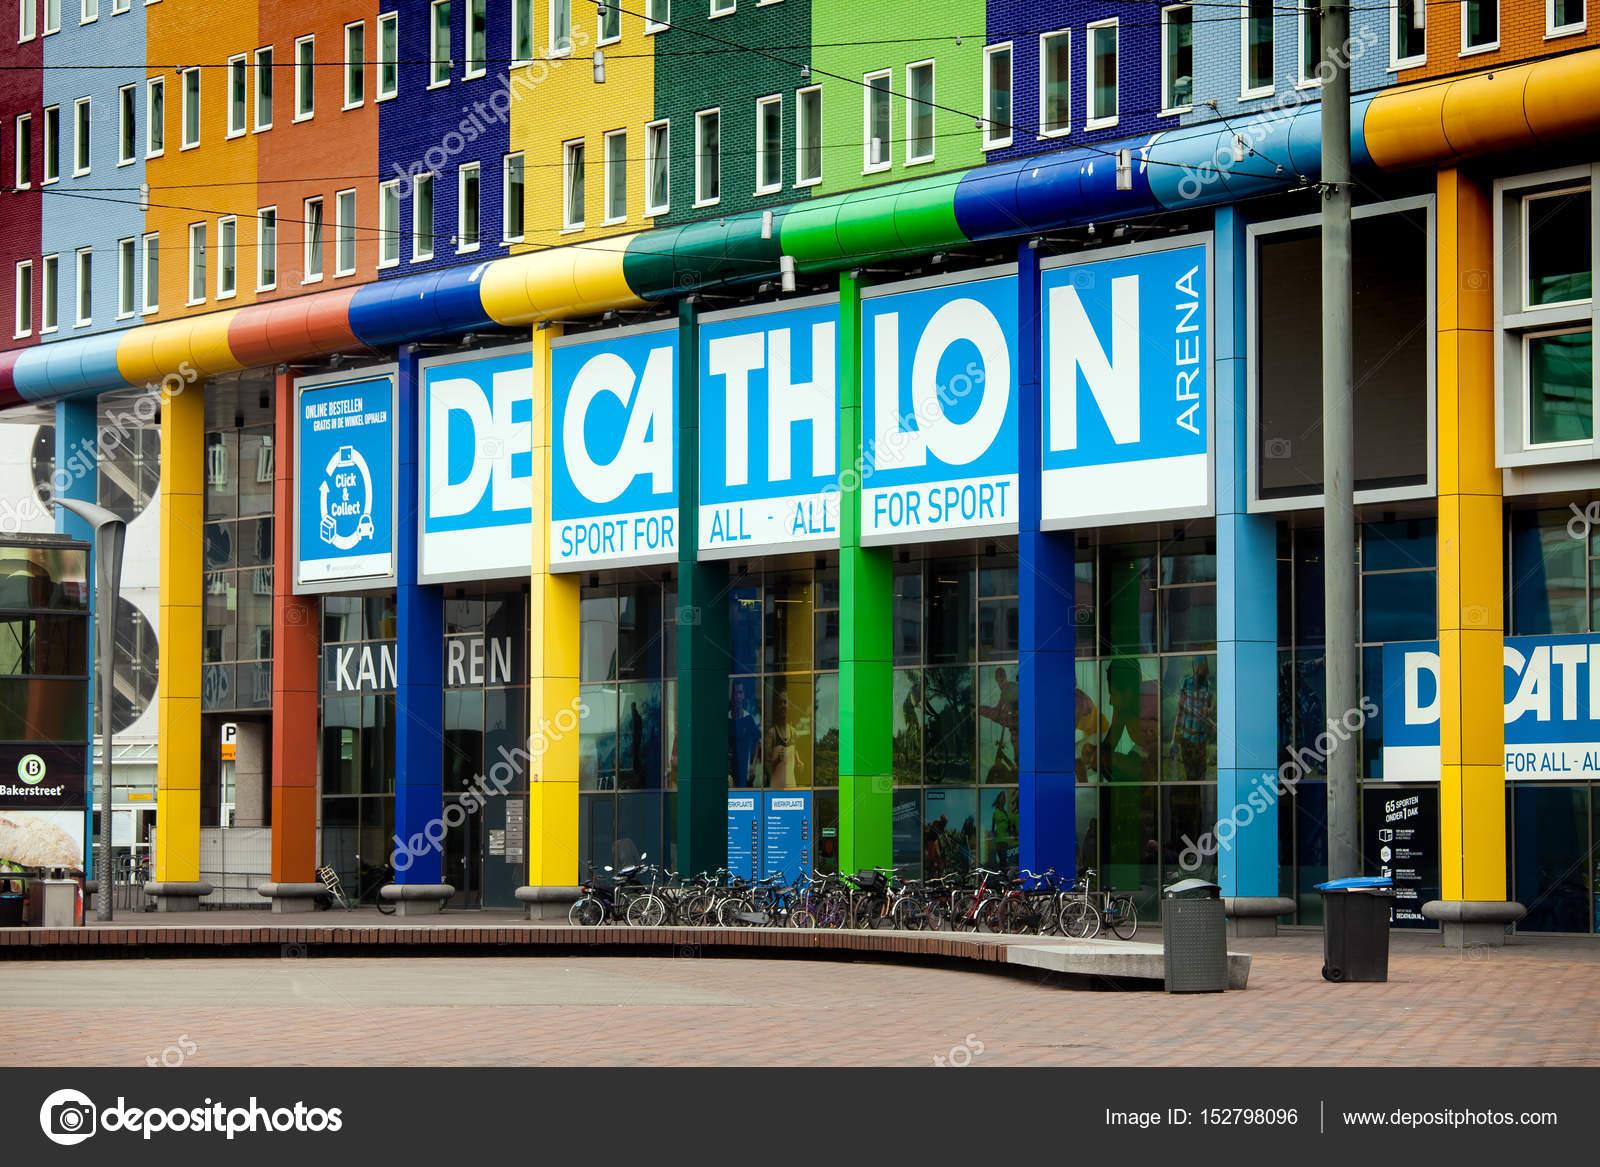 a47c32ecc Loja de desporto Decathlon na cidade de Amsterdam — Fotografia de ...